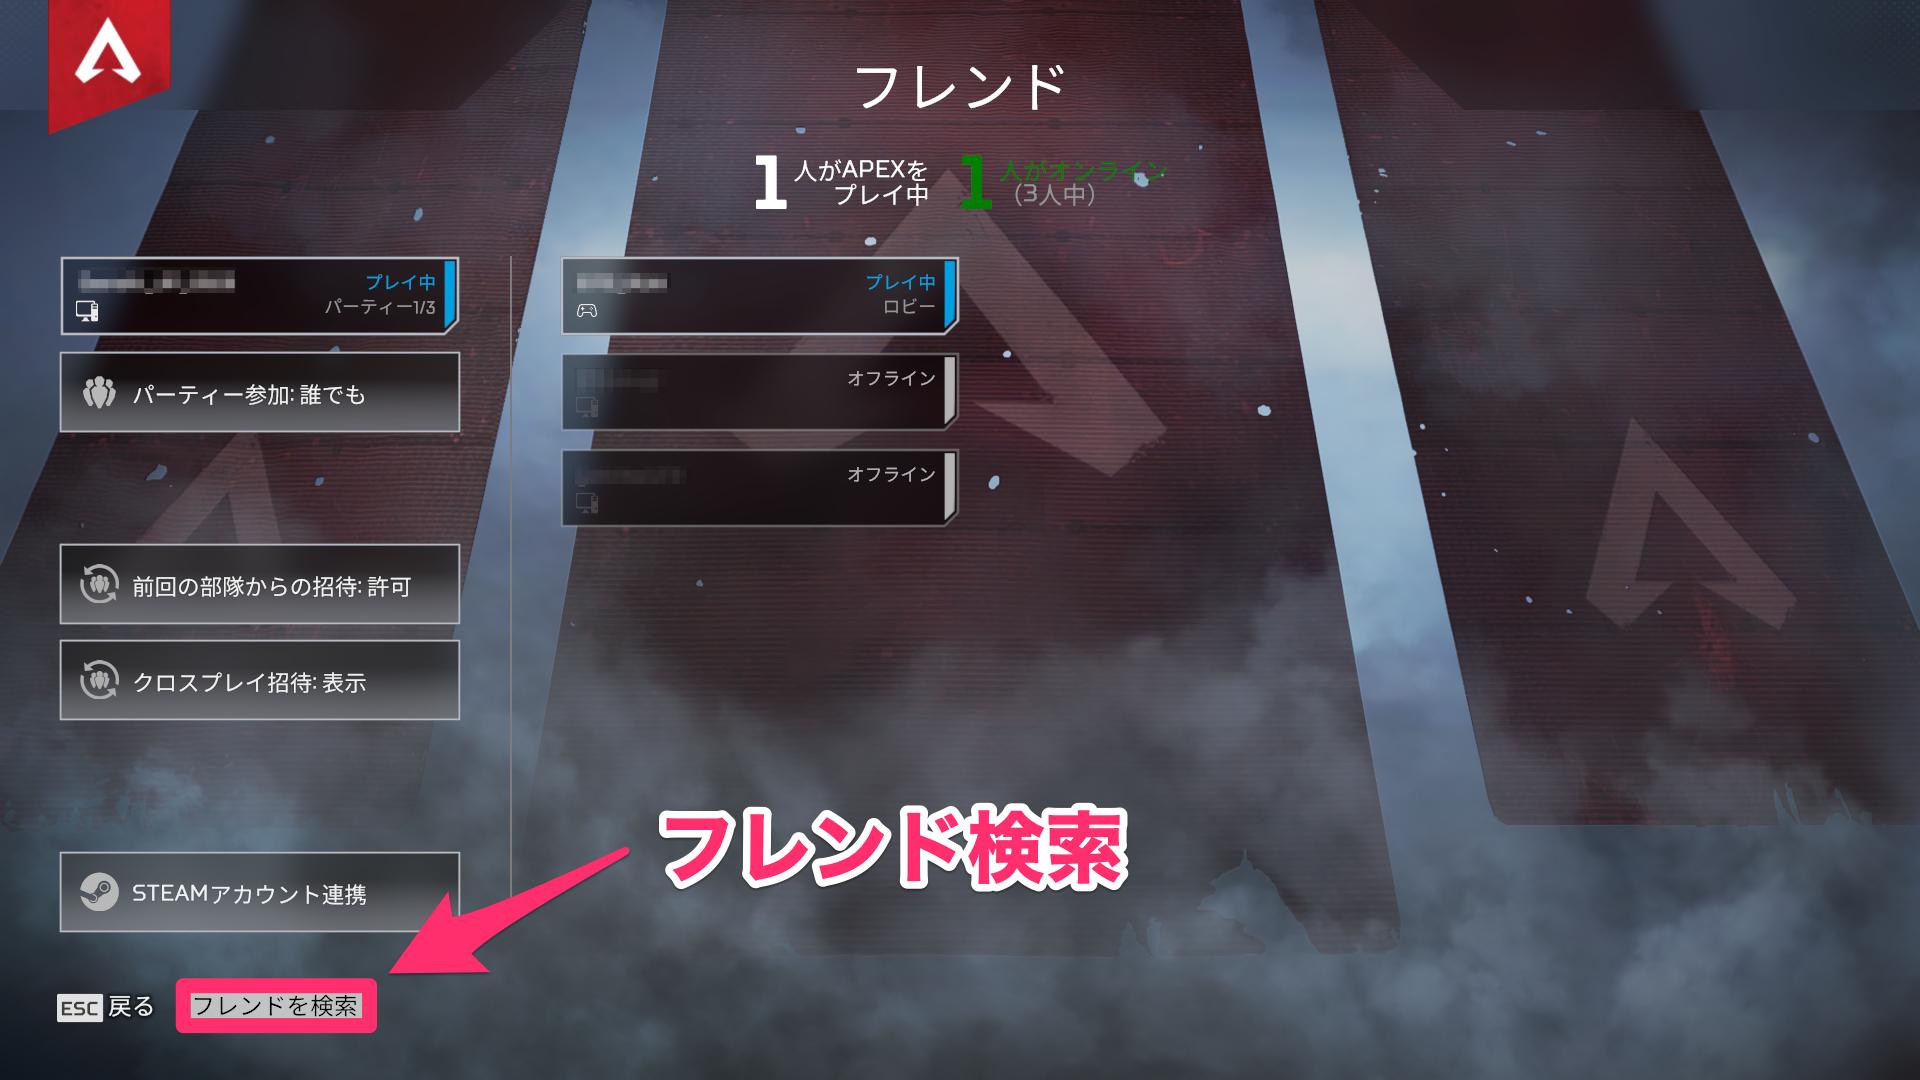 Apex クロス プレイ 予定